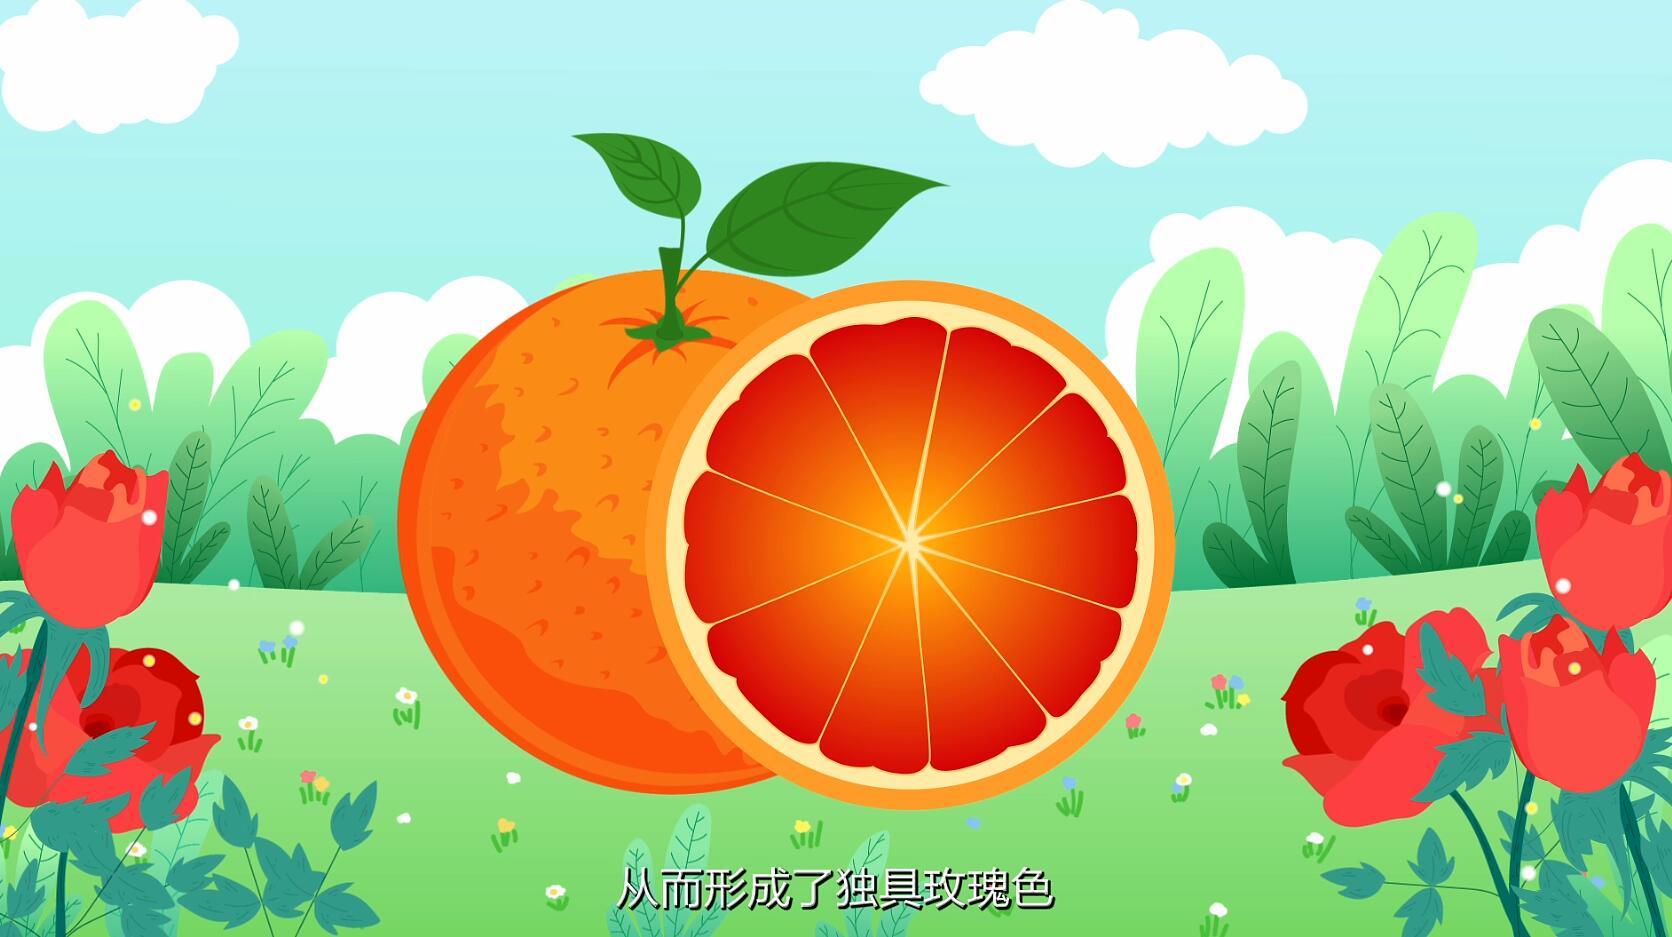 MG动画制作《三峡恋橙,橙心诚意》动漫宣传片